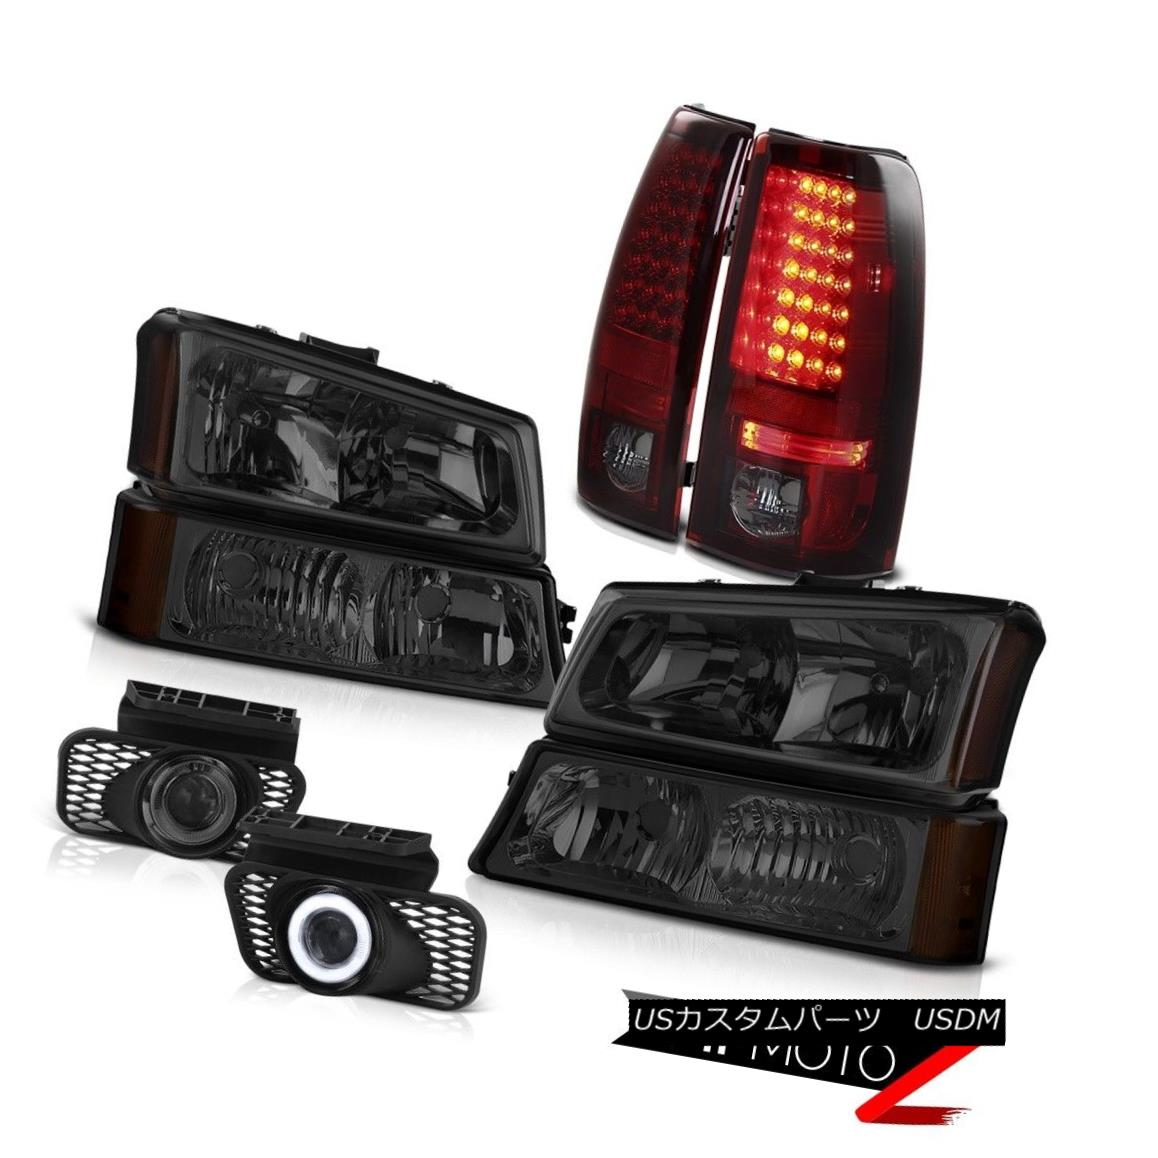 ヘッドライト Dark Smoke Headlight Red LED Brake Tail Lights Foglamps 2003-2006 Silverado 4.3L ダークスモークヘッドライトレッドLEDブレーキテールライトFoglamps 2003-2006 Silverado 4.3L